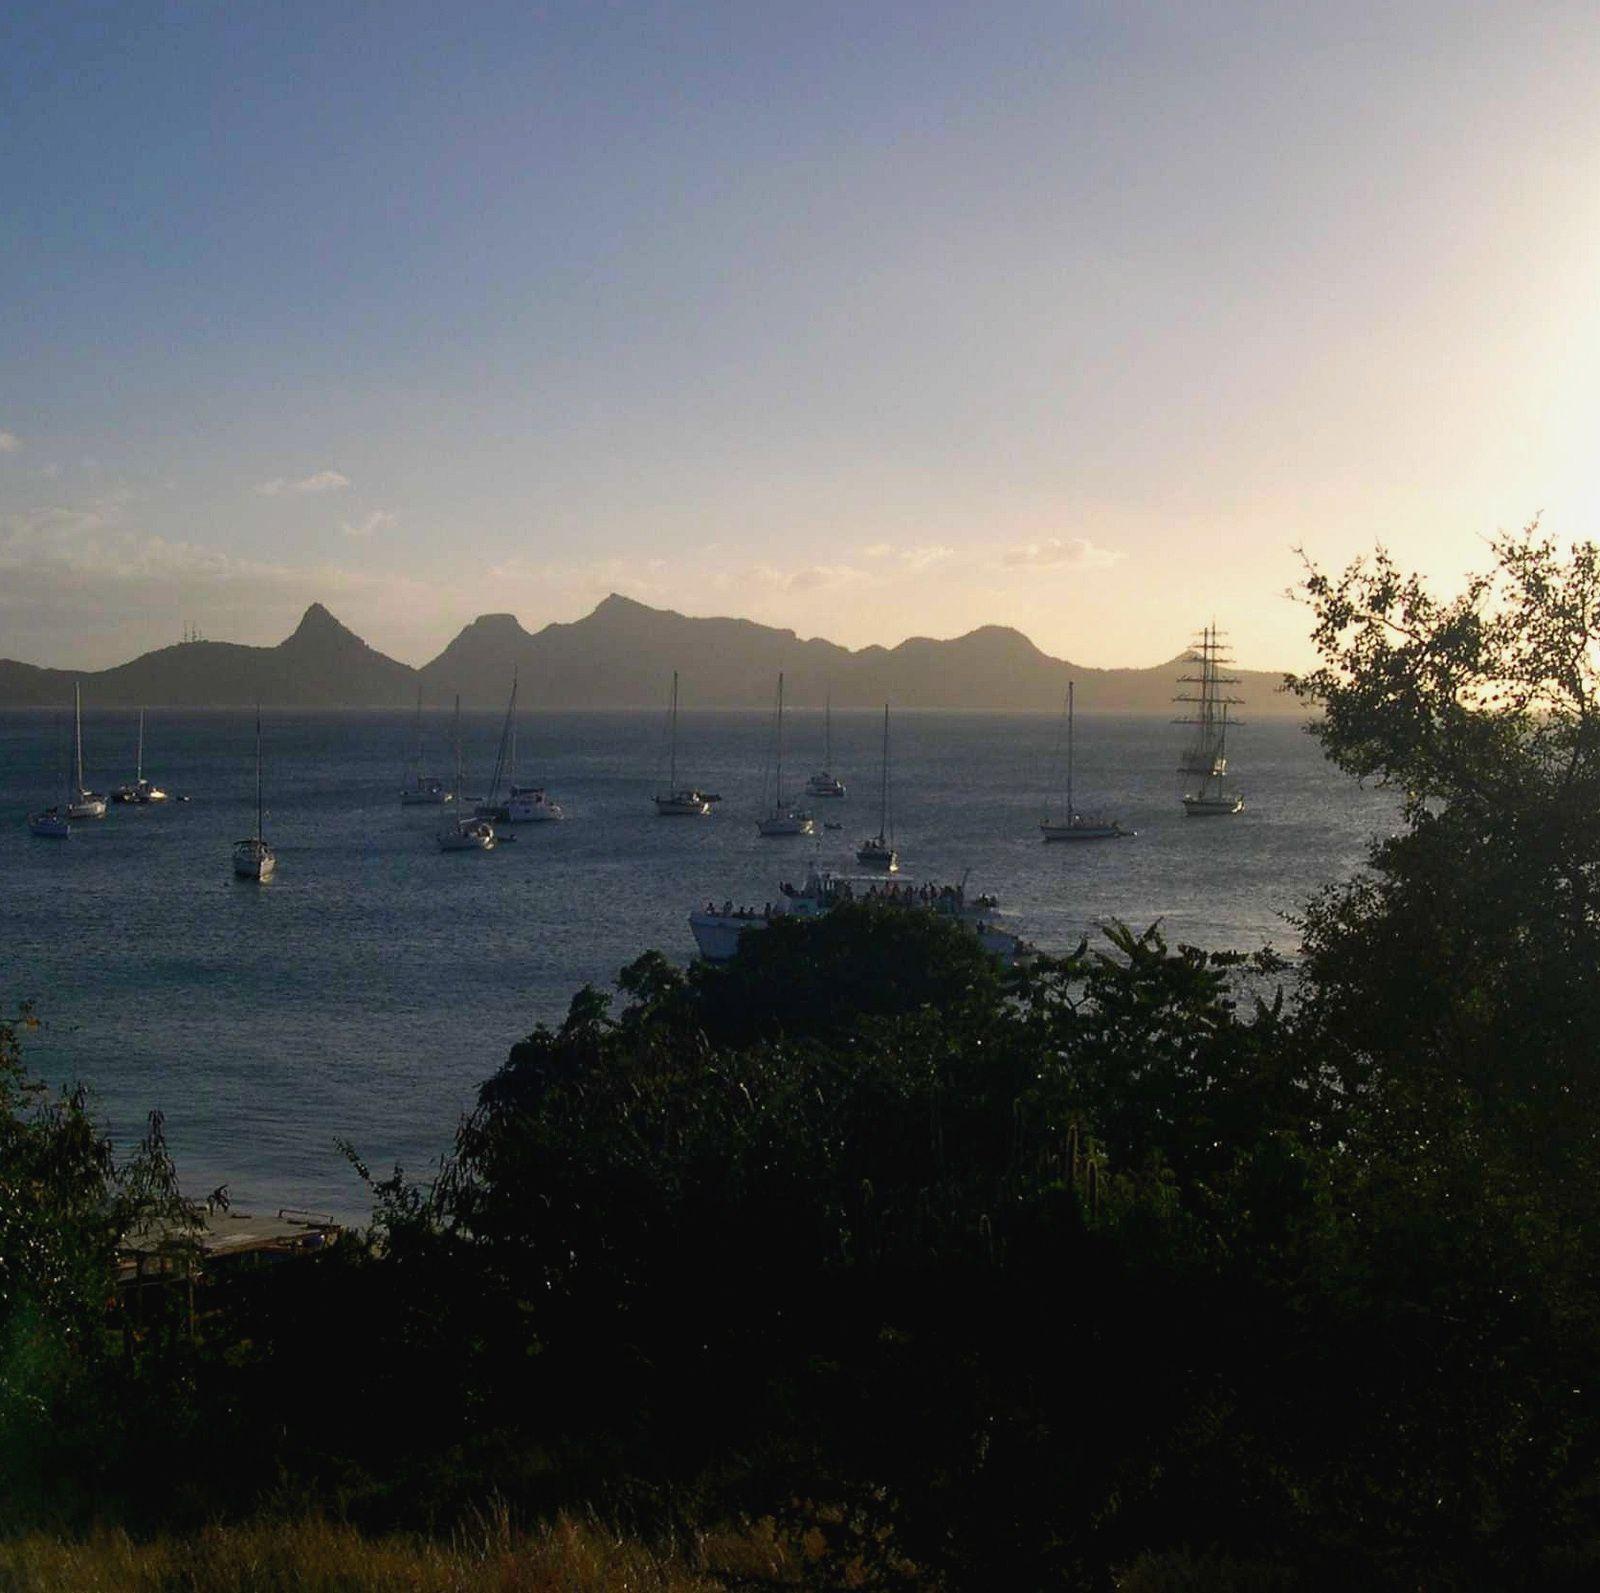 En escale à Mayreau, petite île des Grenadines fin février 2006 le brick Fryderyk Chopin vient mouiller pour la nuit... Au fond, la silhouette montagneuse de l'île d'Union...